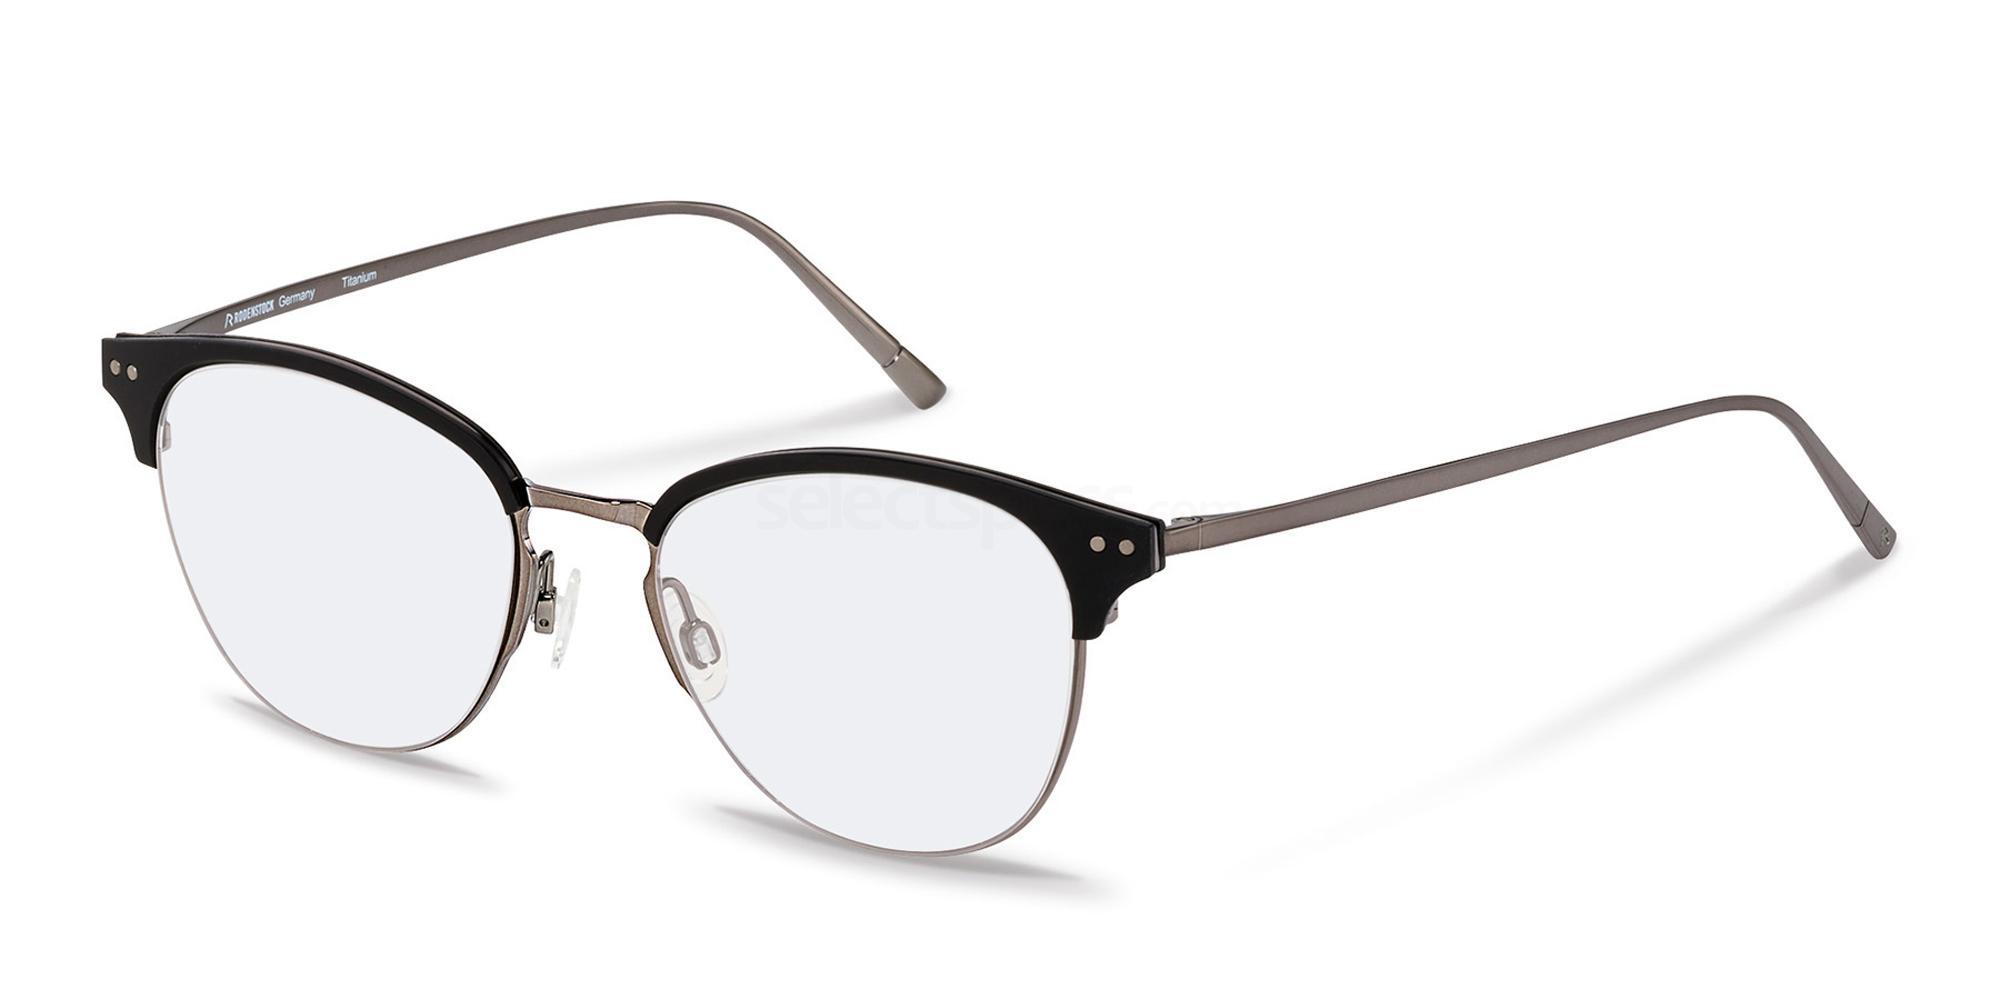 D R7081 Glasses, Rodenstock